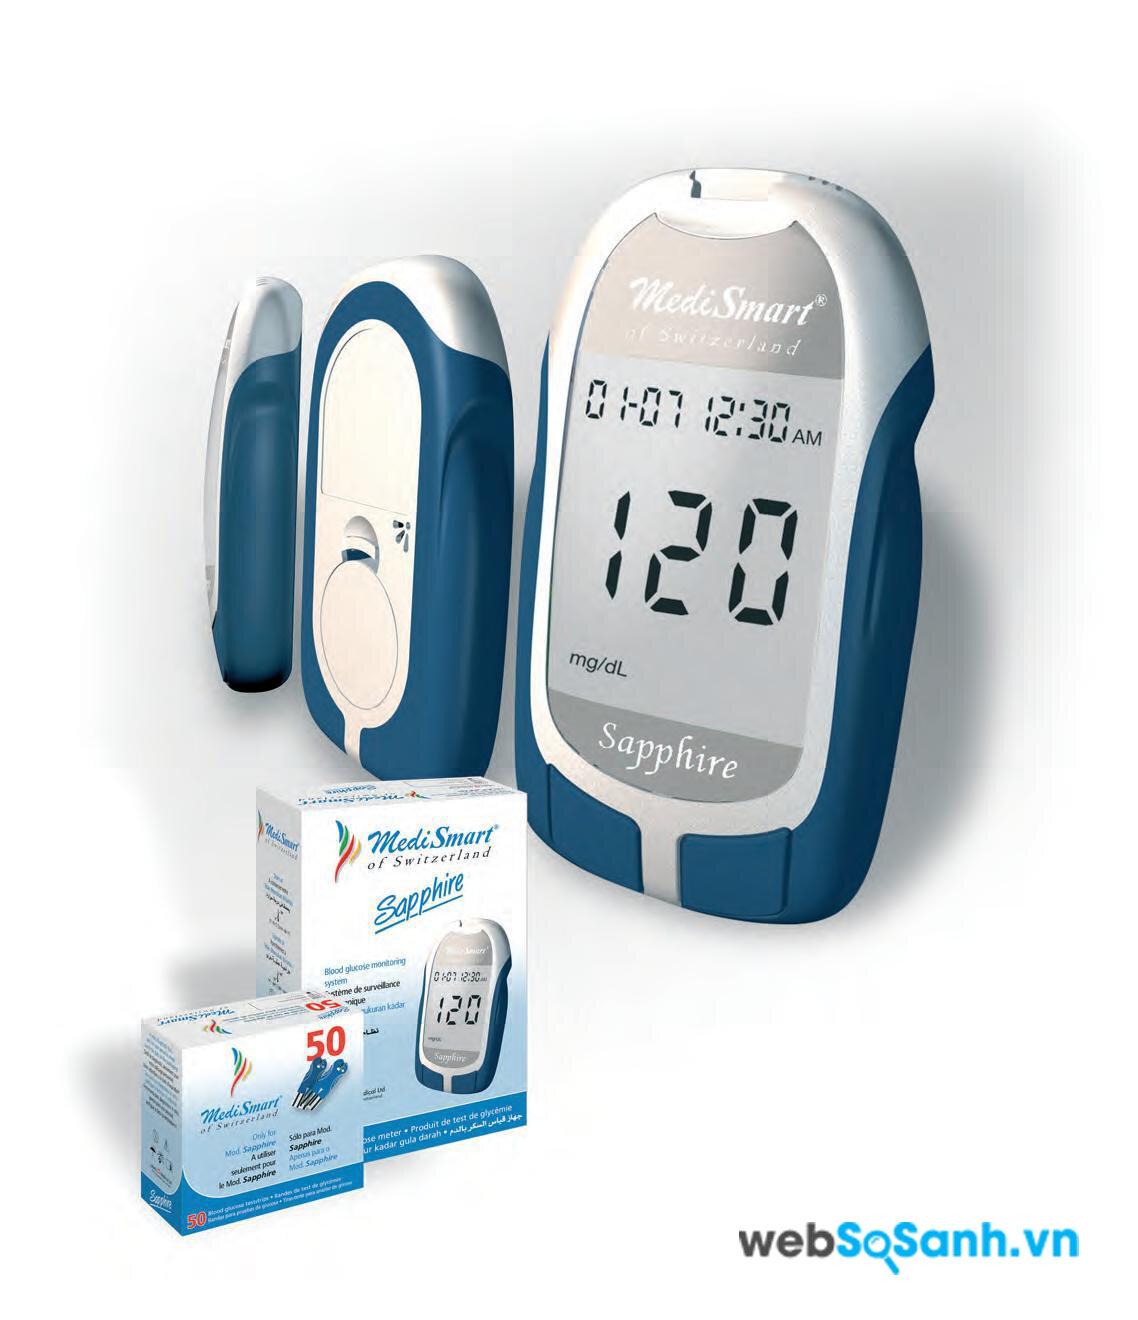 5 điều không thể bỏ qua khi mua máy đo đường huyết